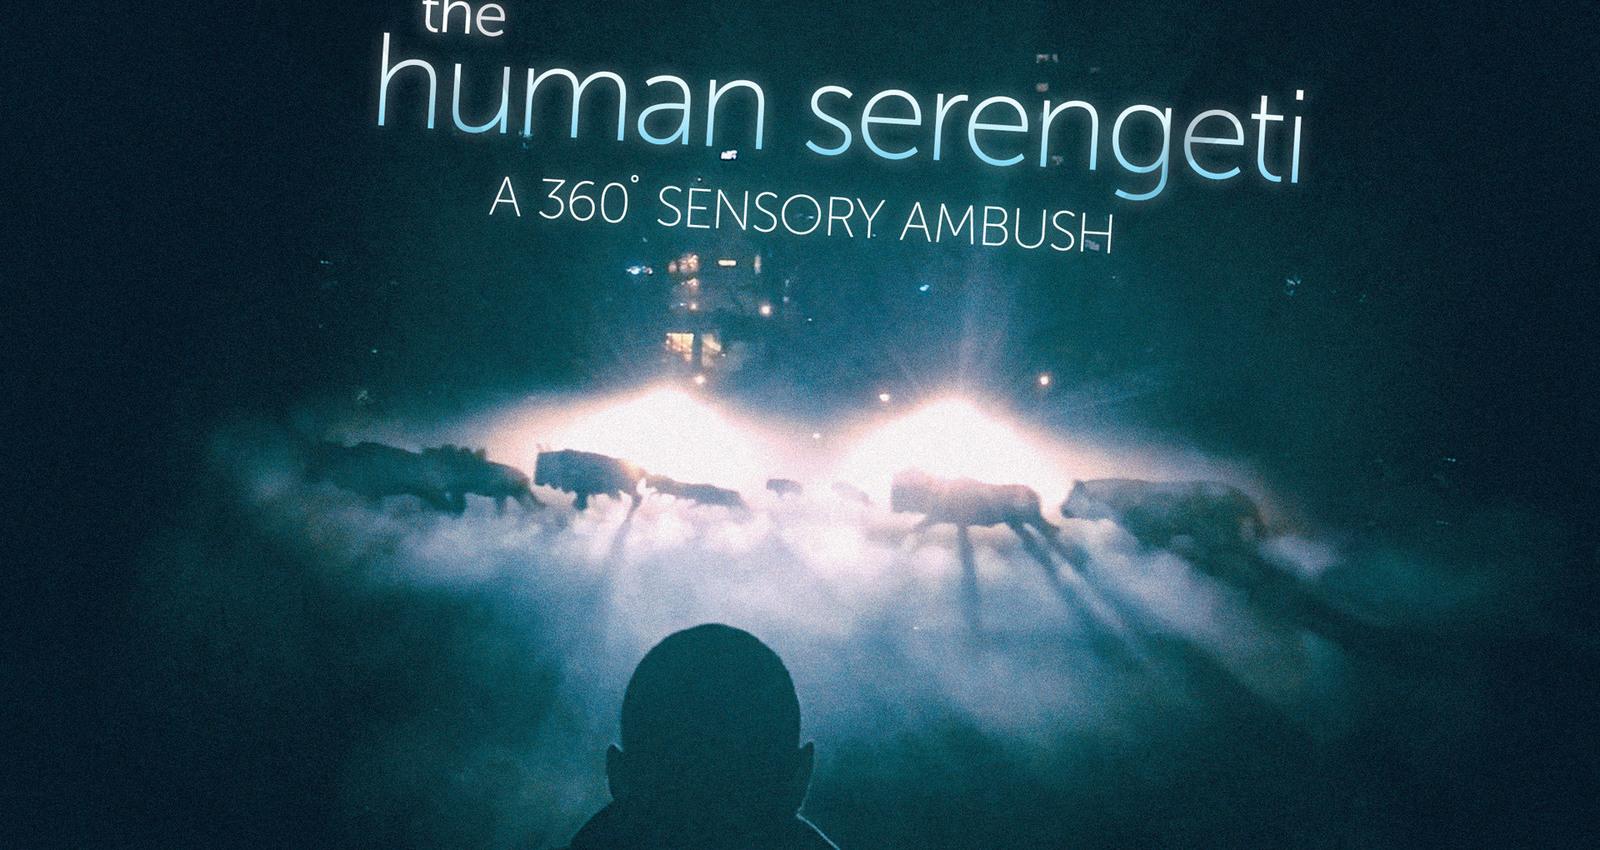 The Human Serengeti